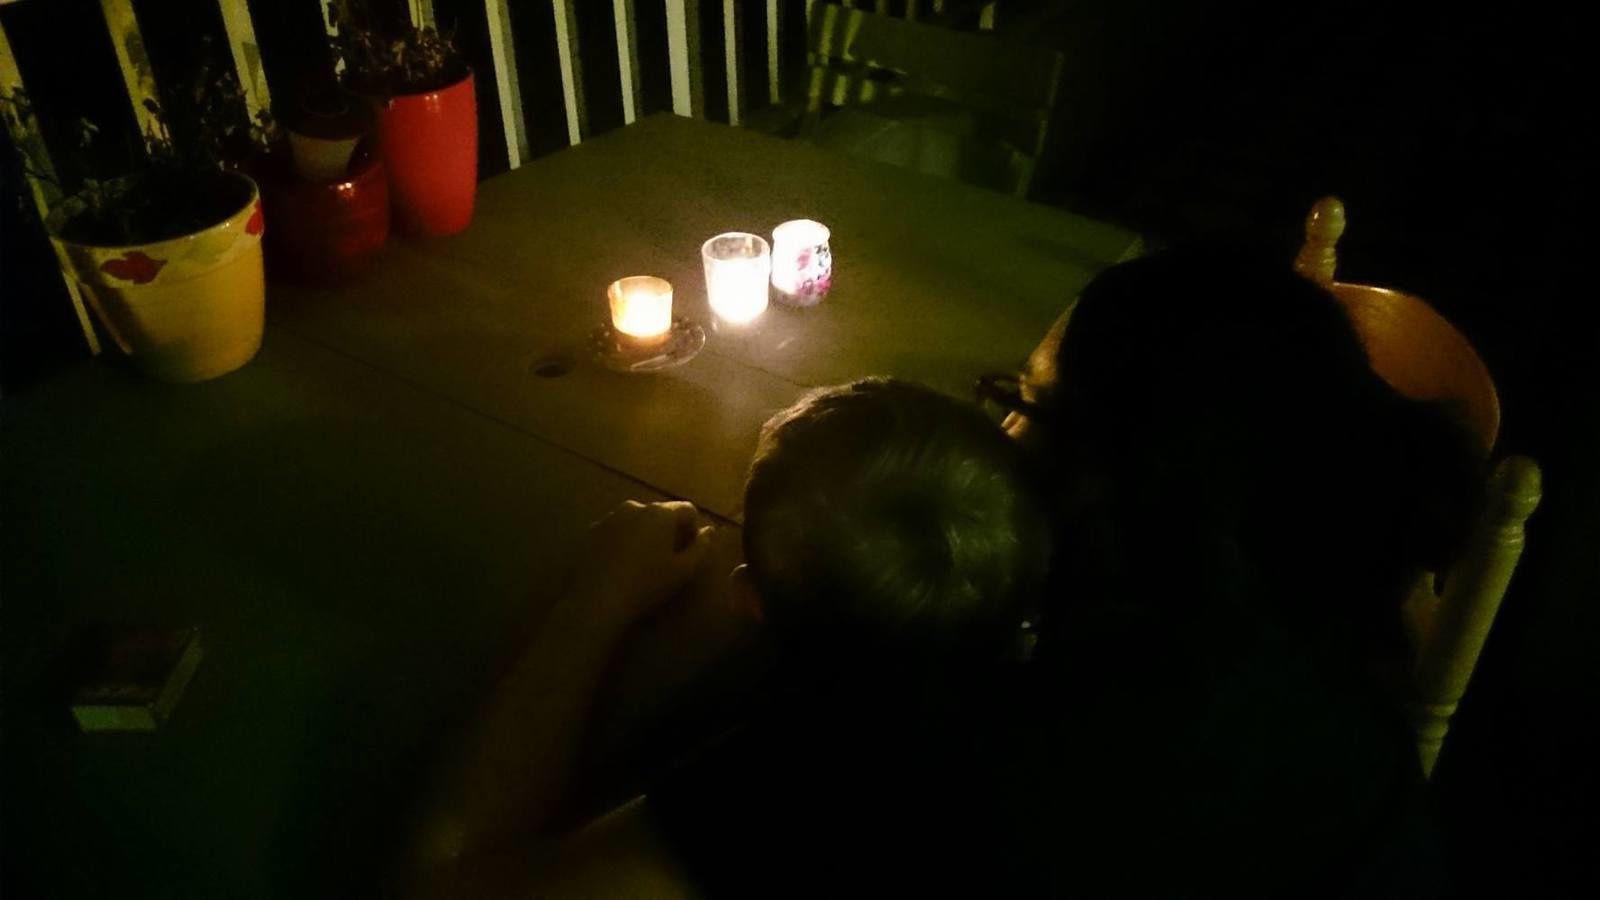 On dépose des bougies en famille suite aux attentats du 13 novembre.